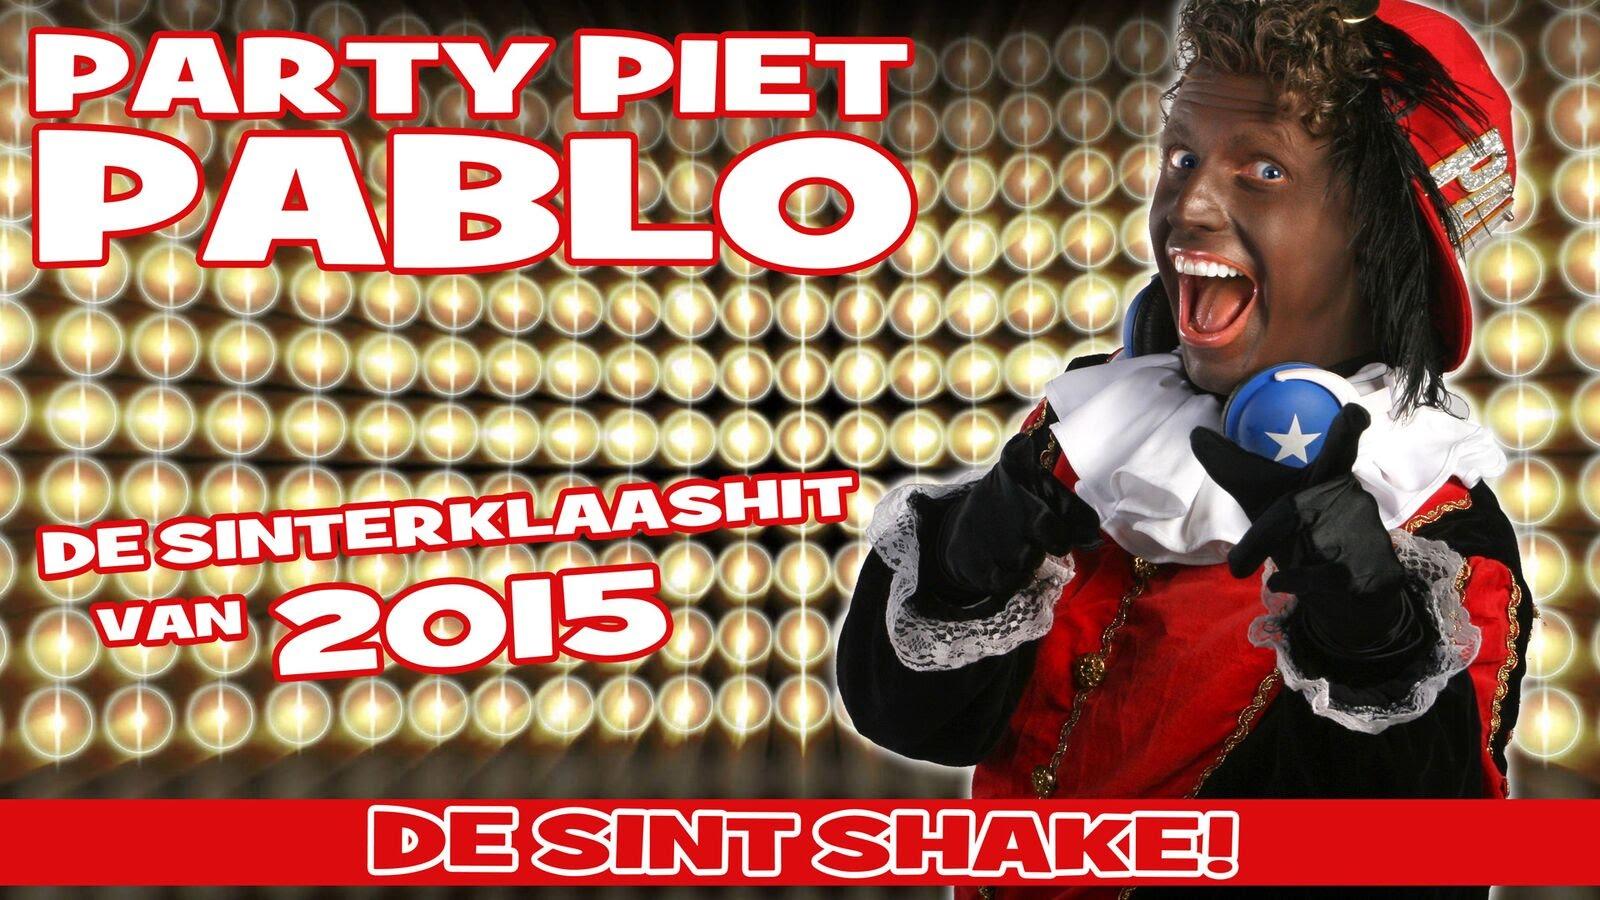 Party Piet Pablo - De Sint Shake - De Sinterklaashit van 2015 1